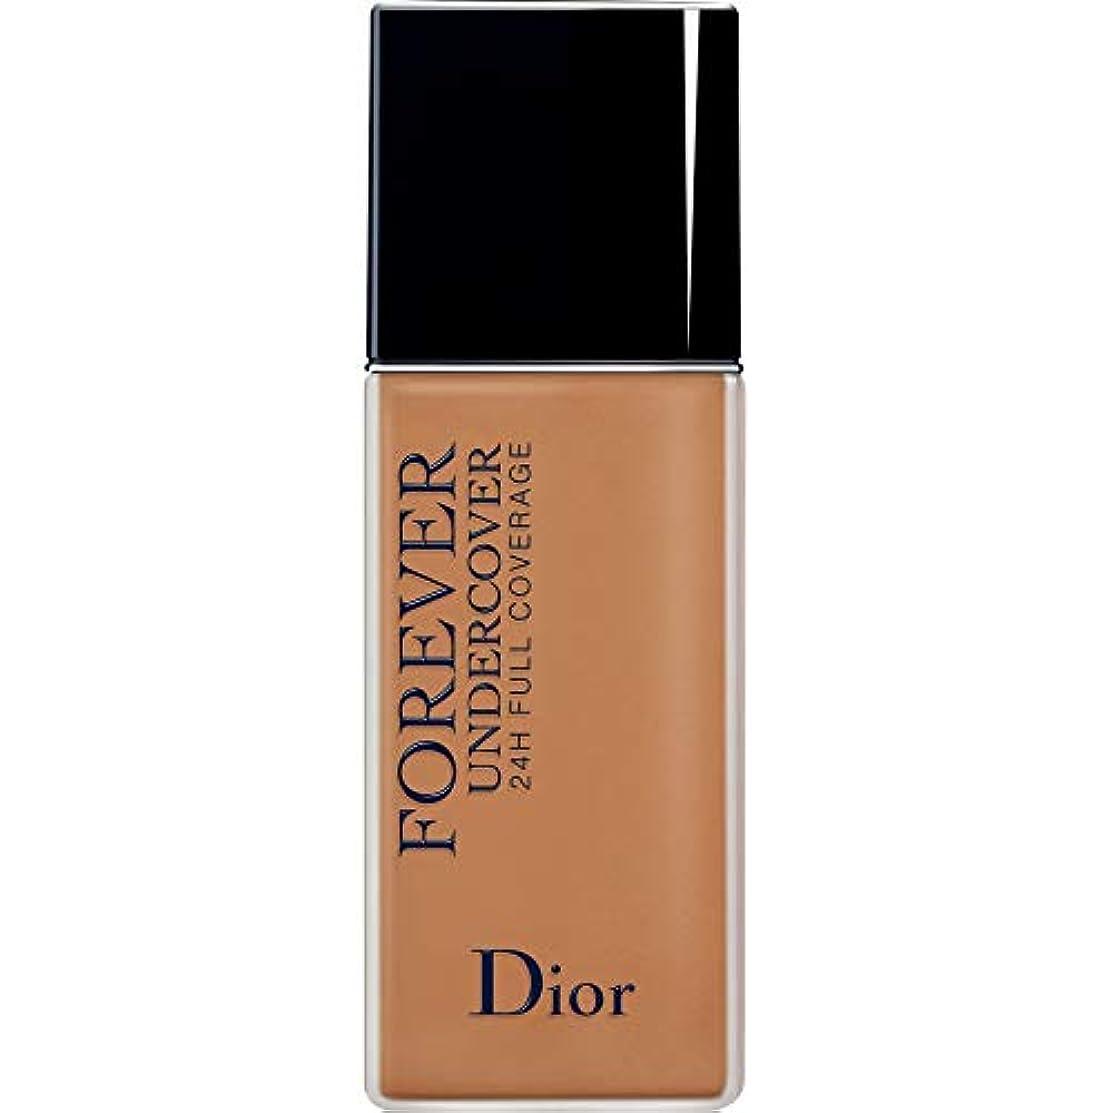 断線リレー国民[Dior ] ディオールディオールスキン永遠アンダーカバーフルカバーの基礎40ミリリットル051 - プラリネ - DIOR Diorskin Forever Undercover Full Coverage Foundation...